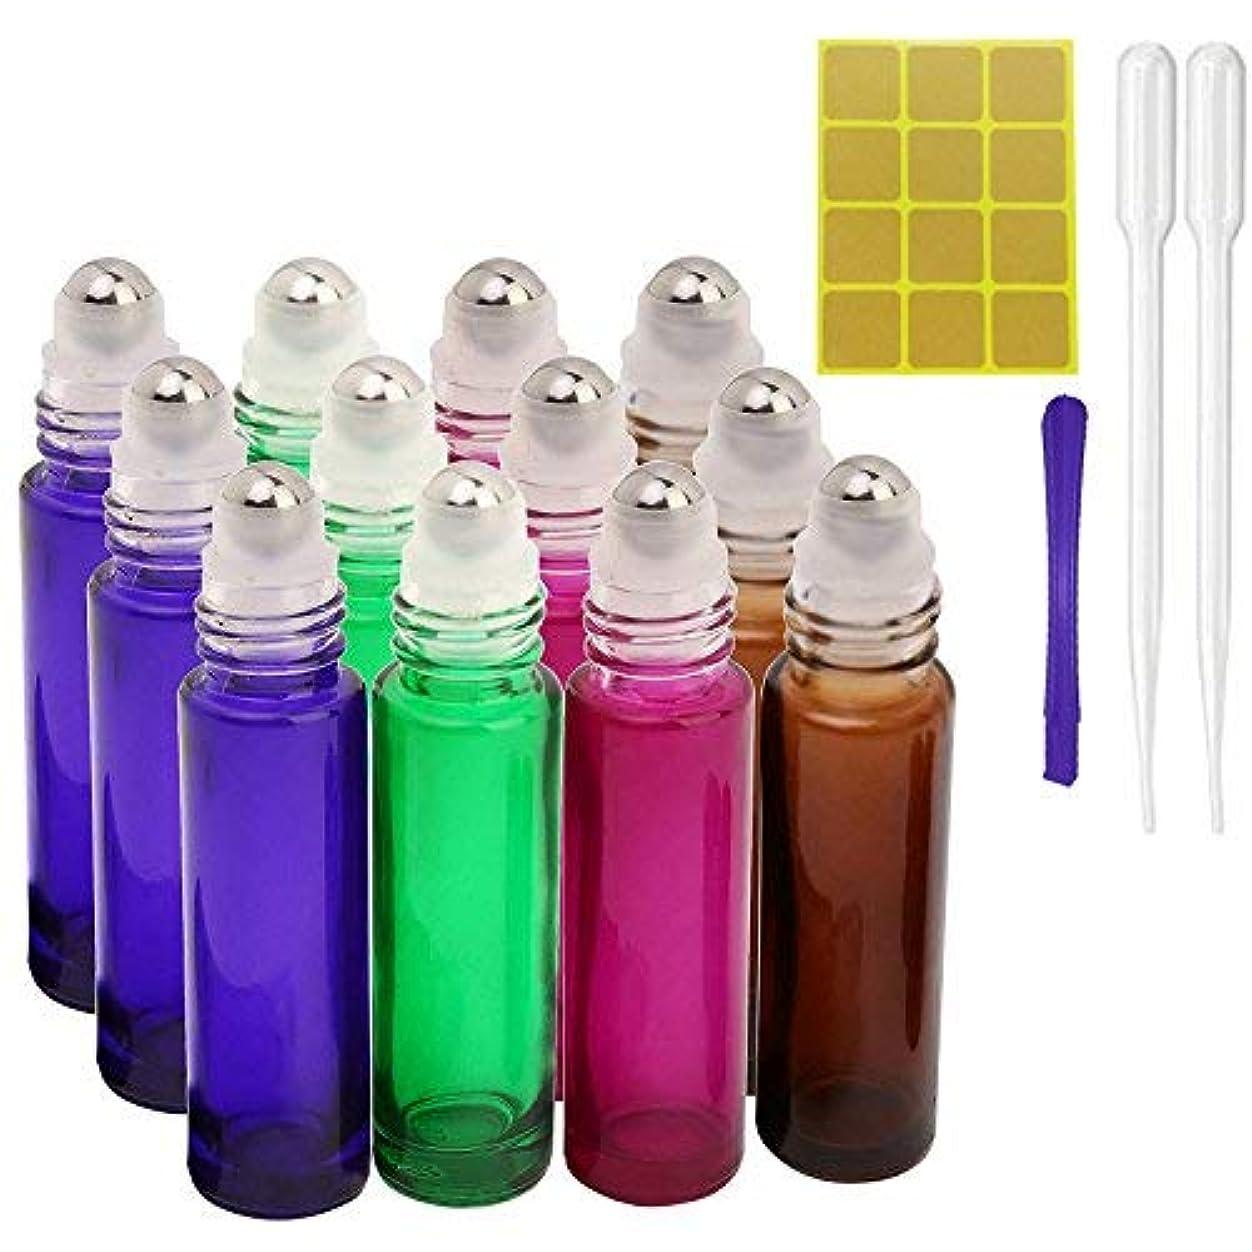 未満ネブ旋律的12, 10ml Roller Bottles for Essential Oils - Glass Refillable Roller on Bottles with 1 Opener, 2 Droppers, 24...